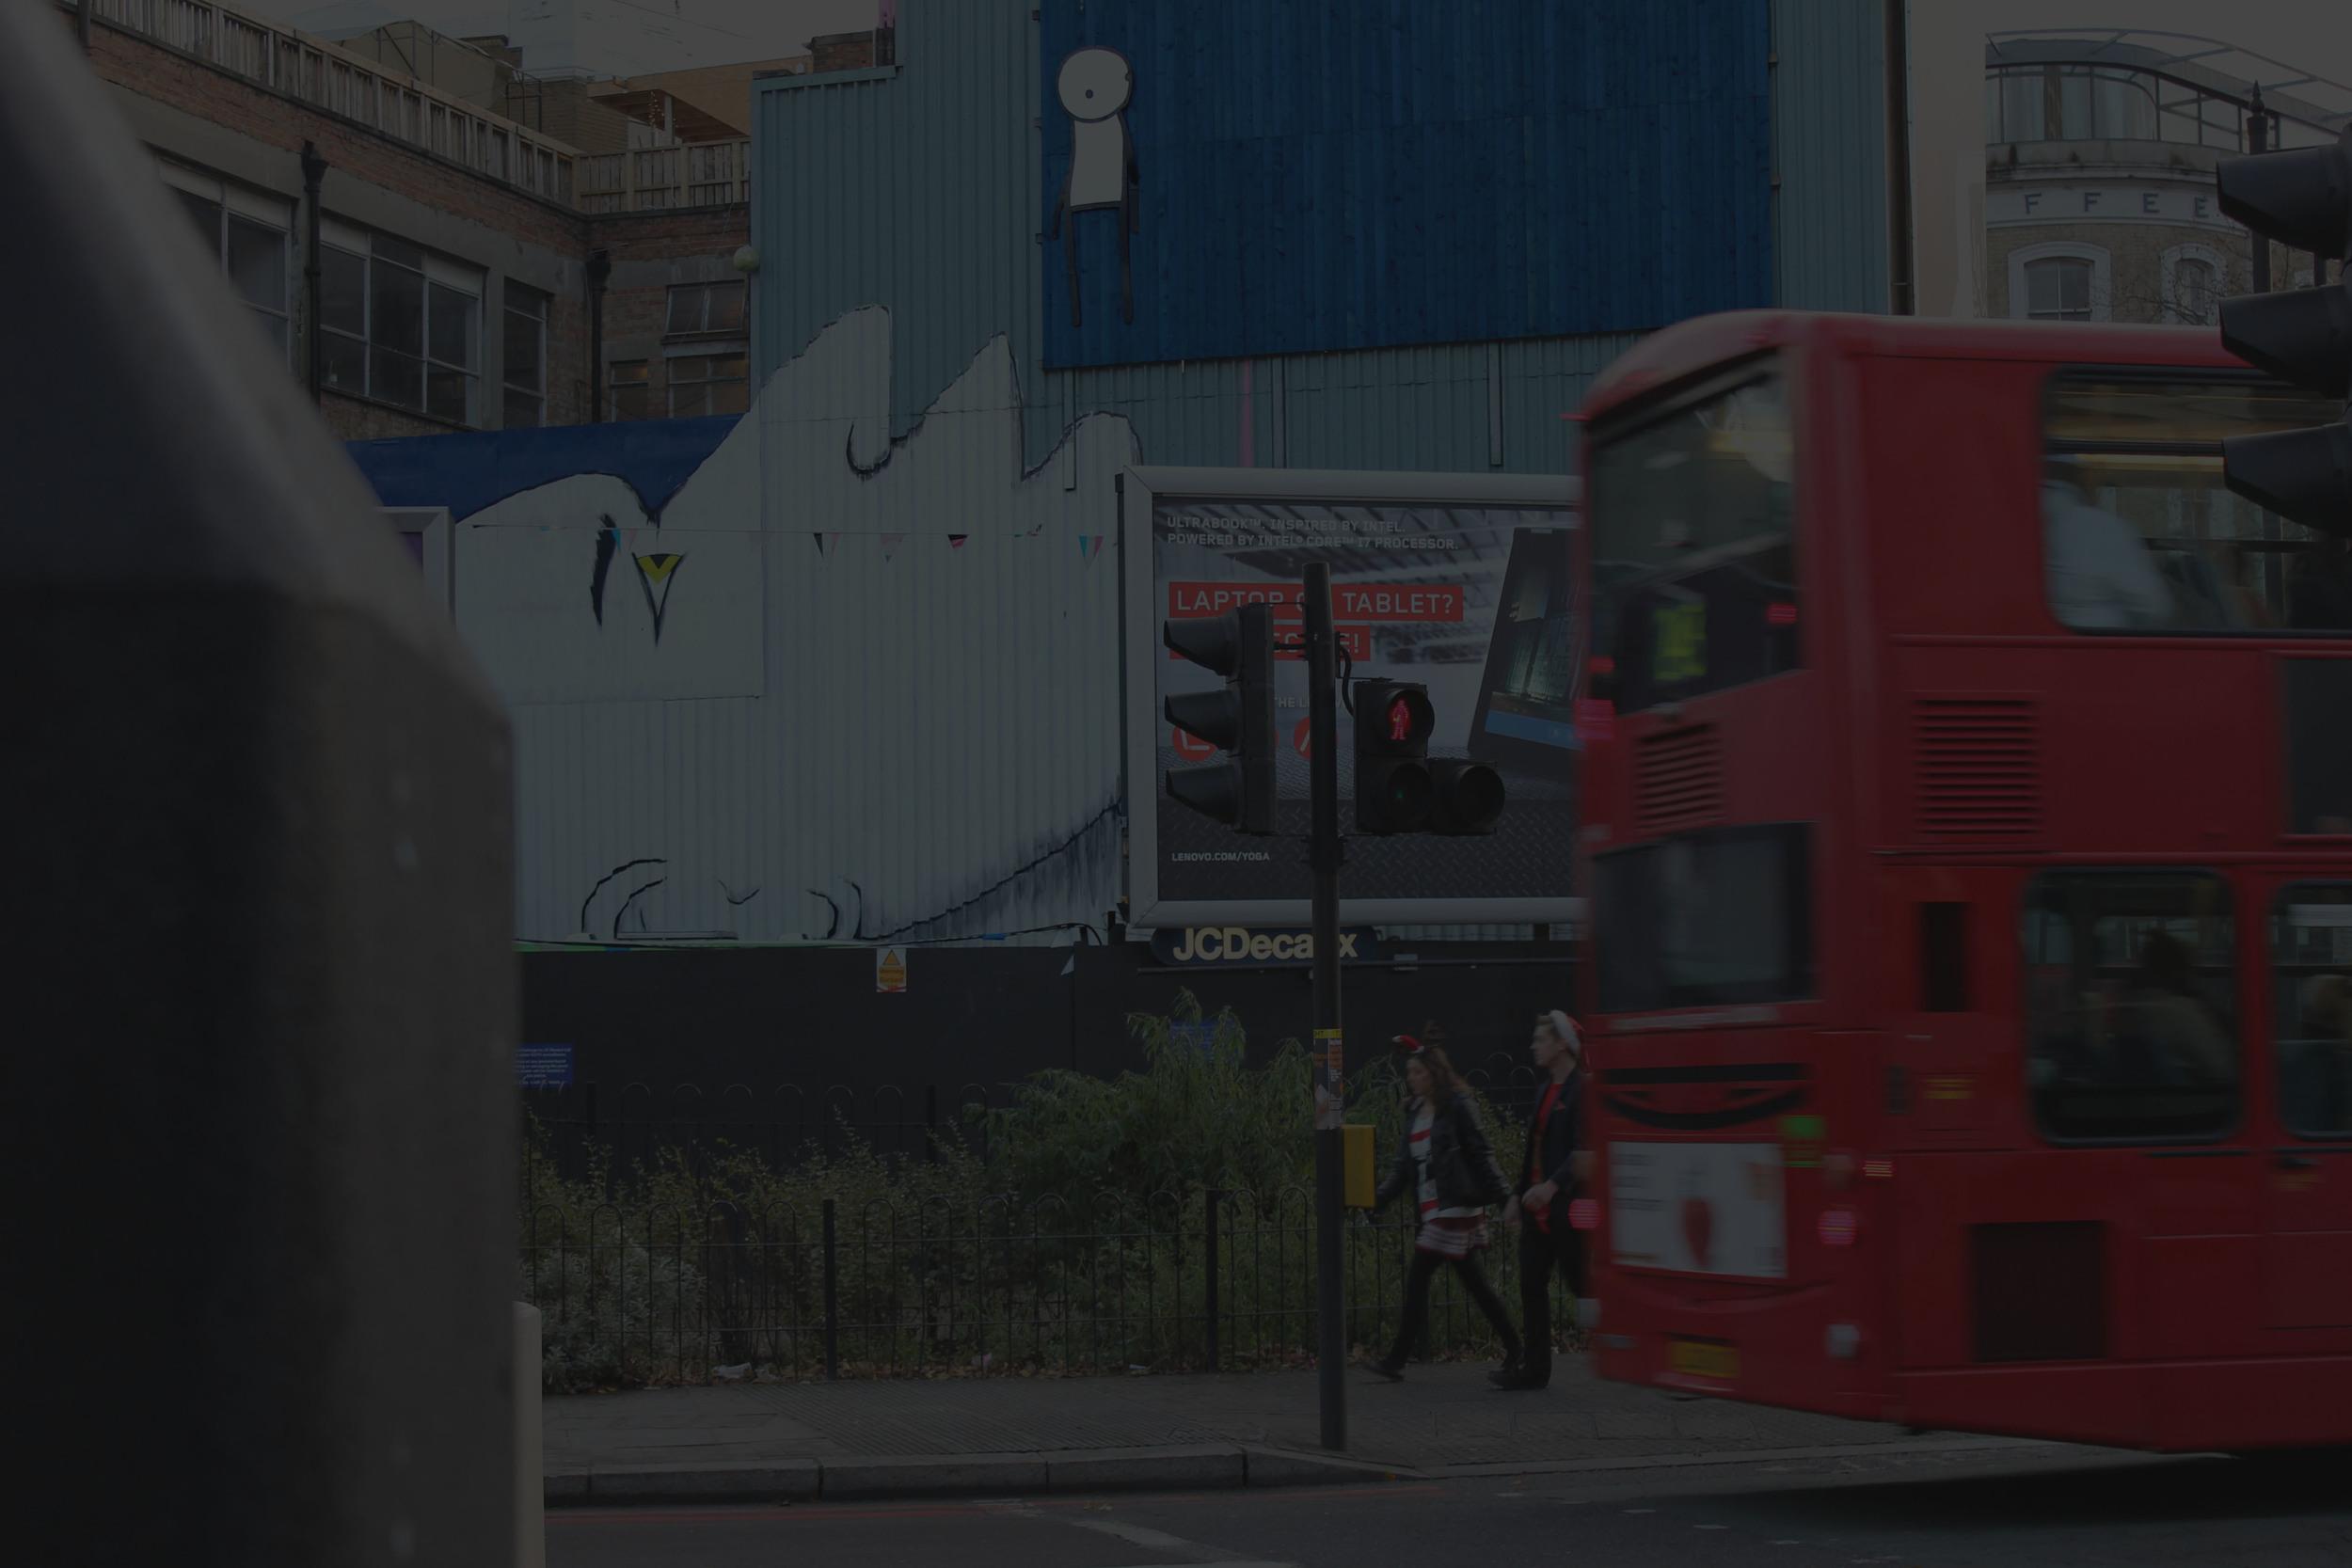 Beyond Banksy - London